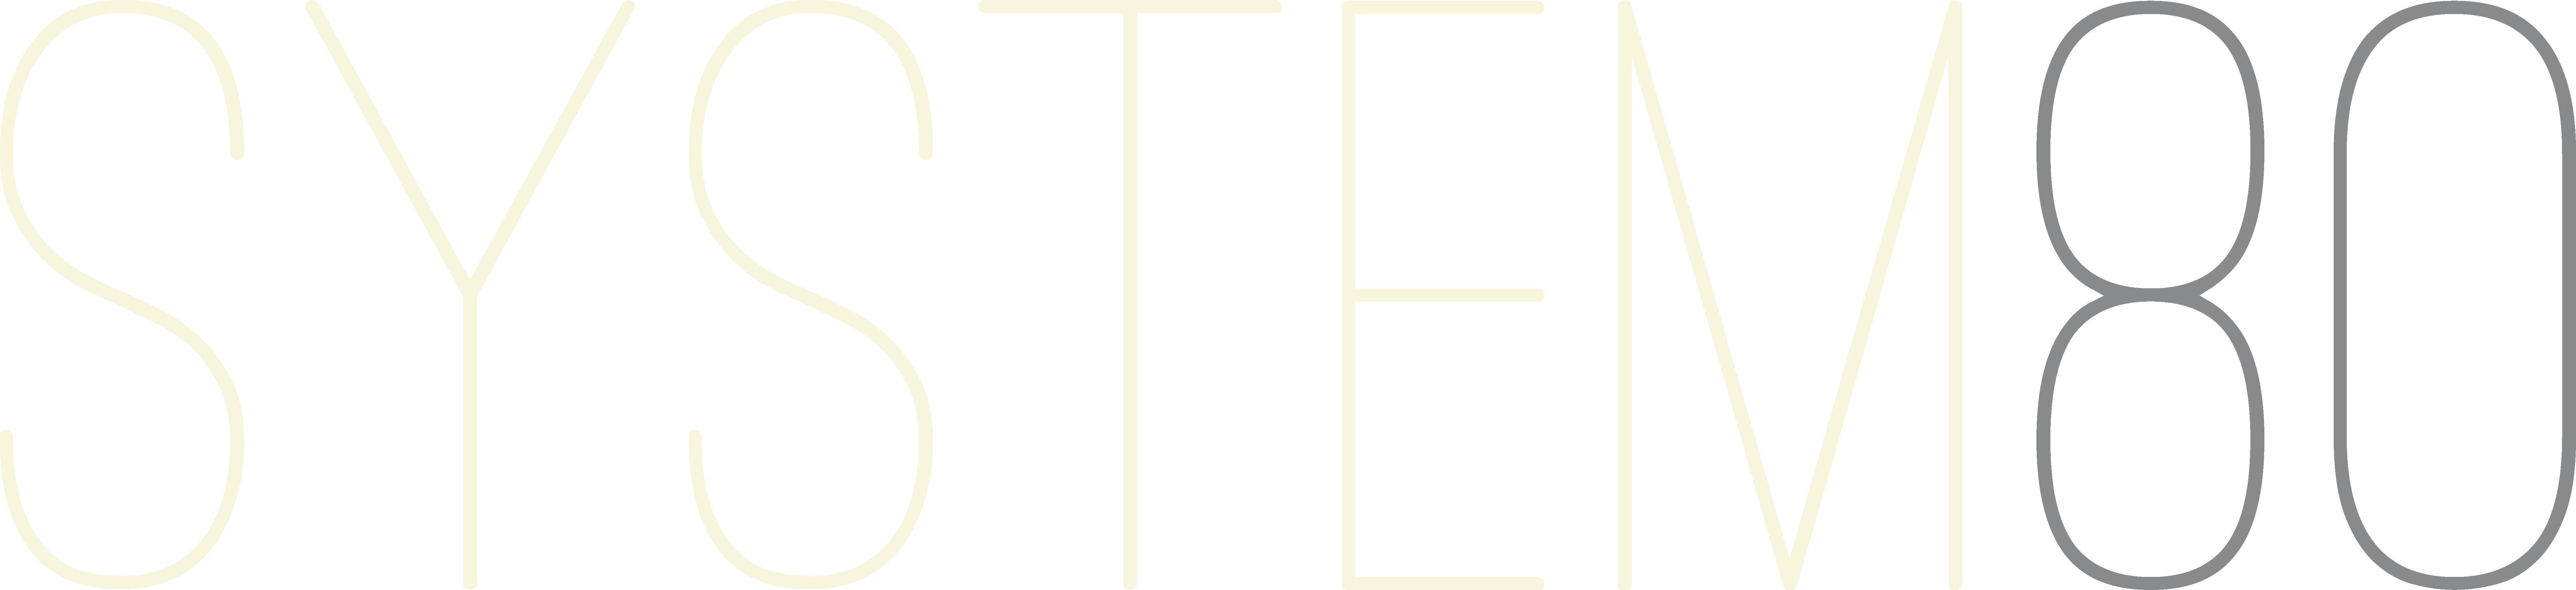 System 80 logo